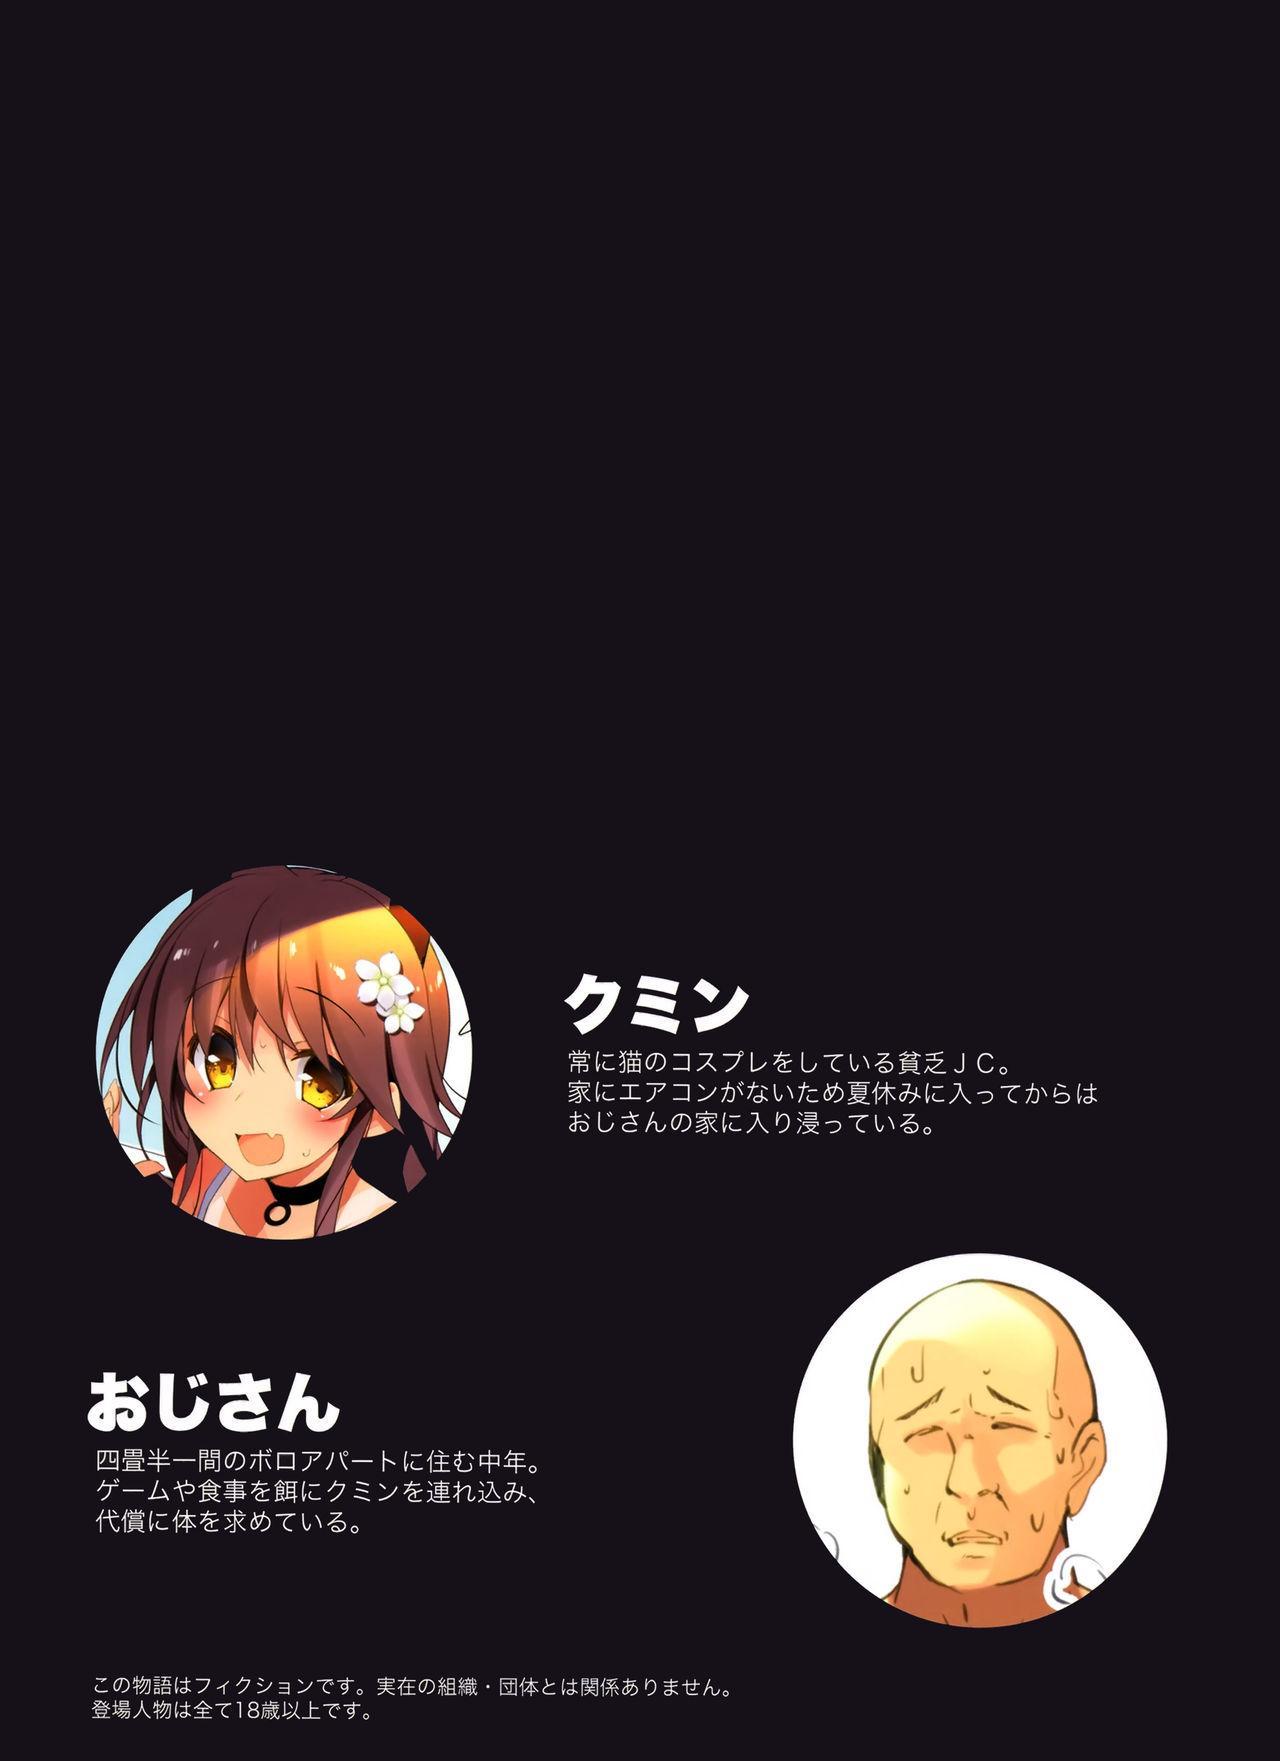 Neko Neko Note 5 AirCon ga Kowareta Heya de Asedaku Sex Suru Hon 3